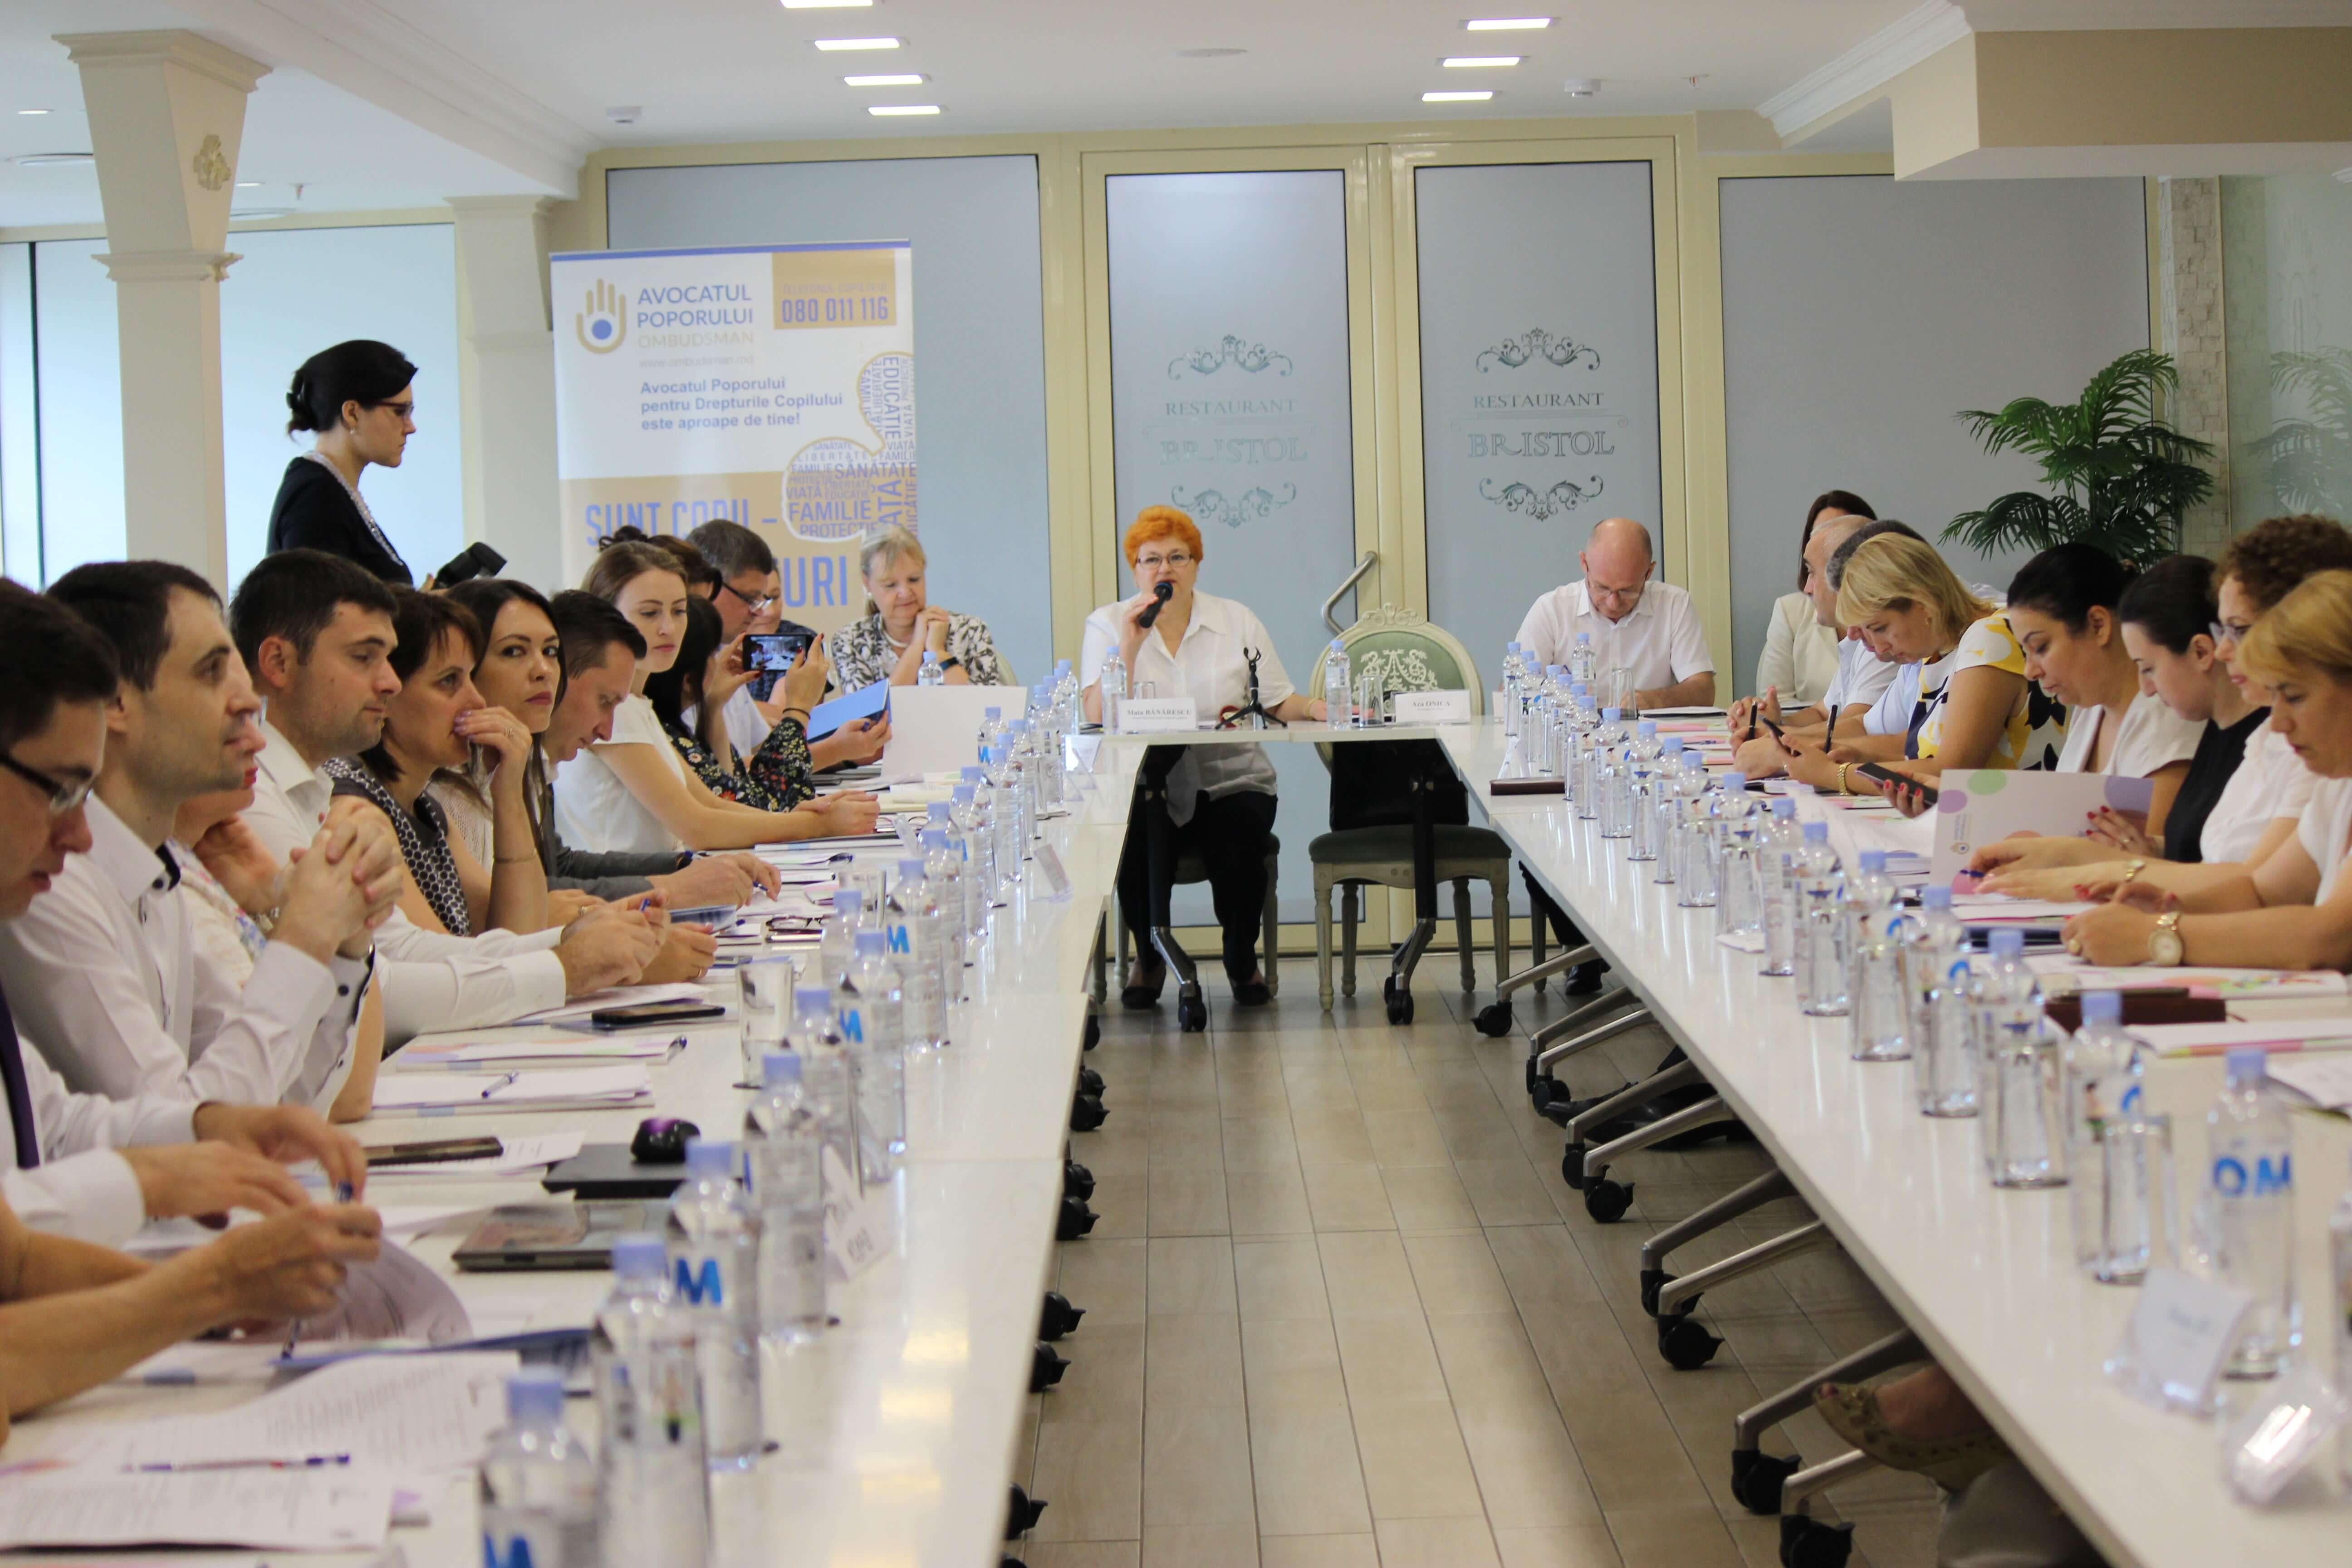 Respectarea drepturilor copiilor născuți în instituțiile penitenciare, discutată în premieră pentru Moldova în cadrul unei conferințe naționale organizate de Ombudsmanul Copiilor